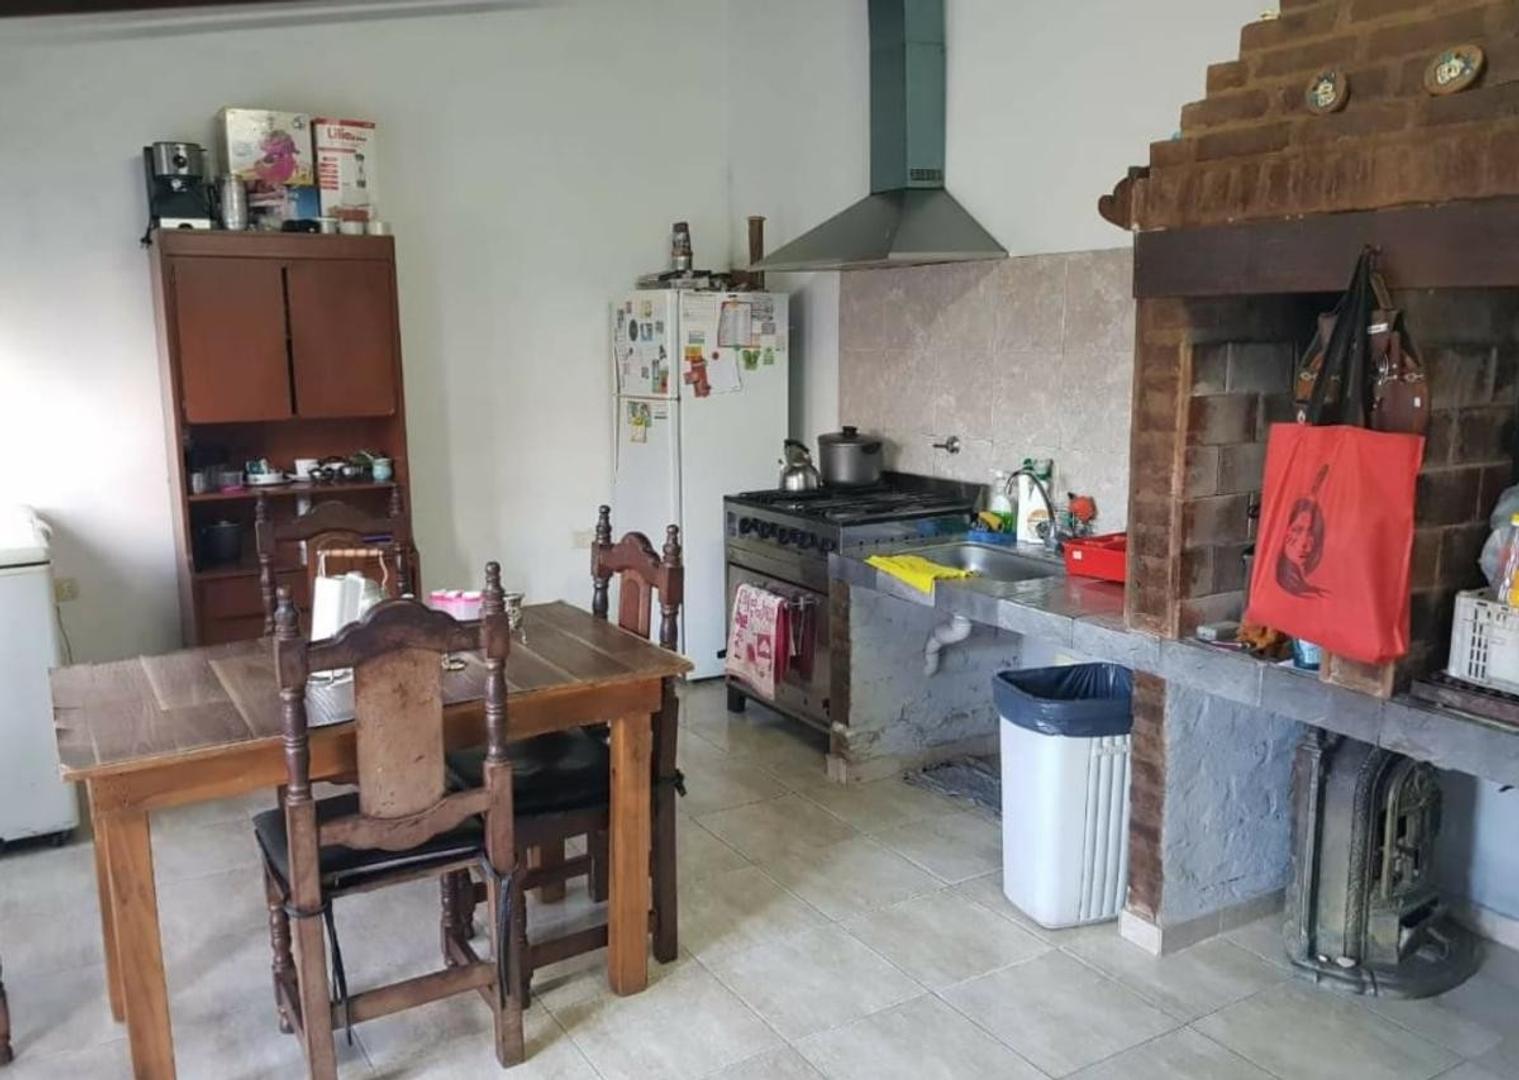 Casa 3 dormitorios-Lote 415 mts 2 y 230 mts 2 cubiertos- APTA BANCO - Villa Elvira - Foto 17